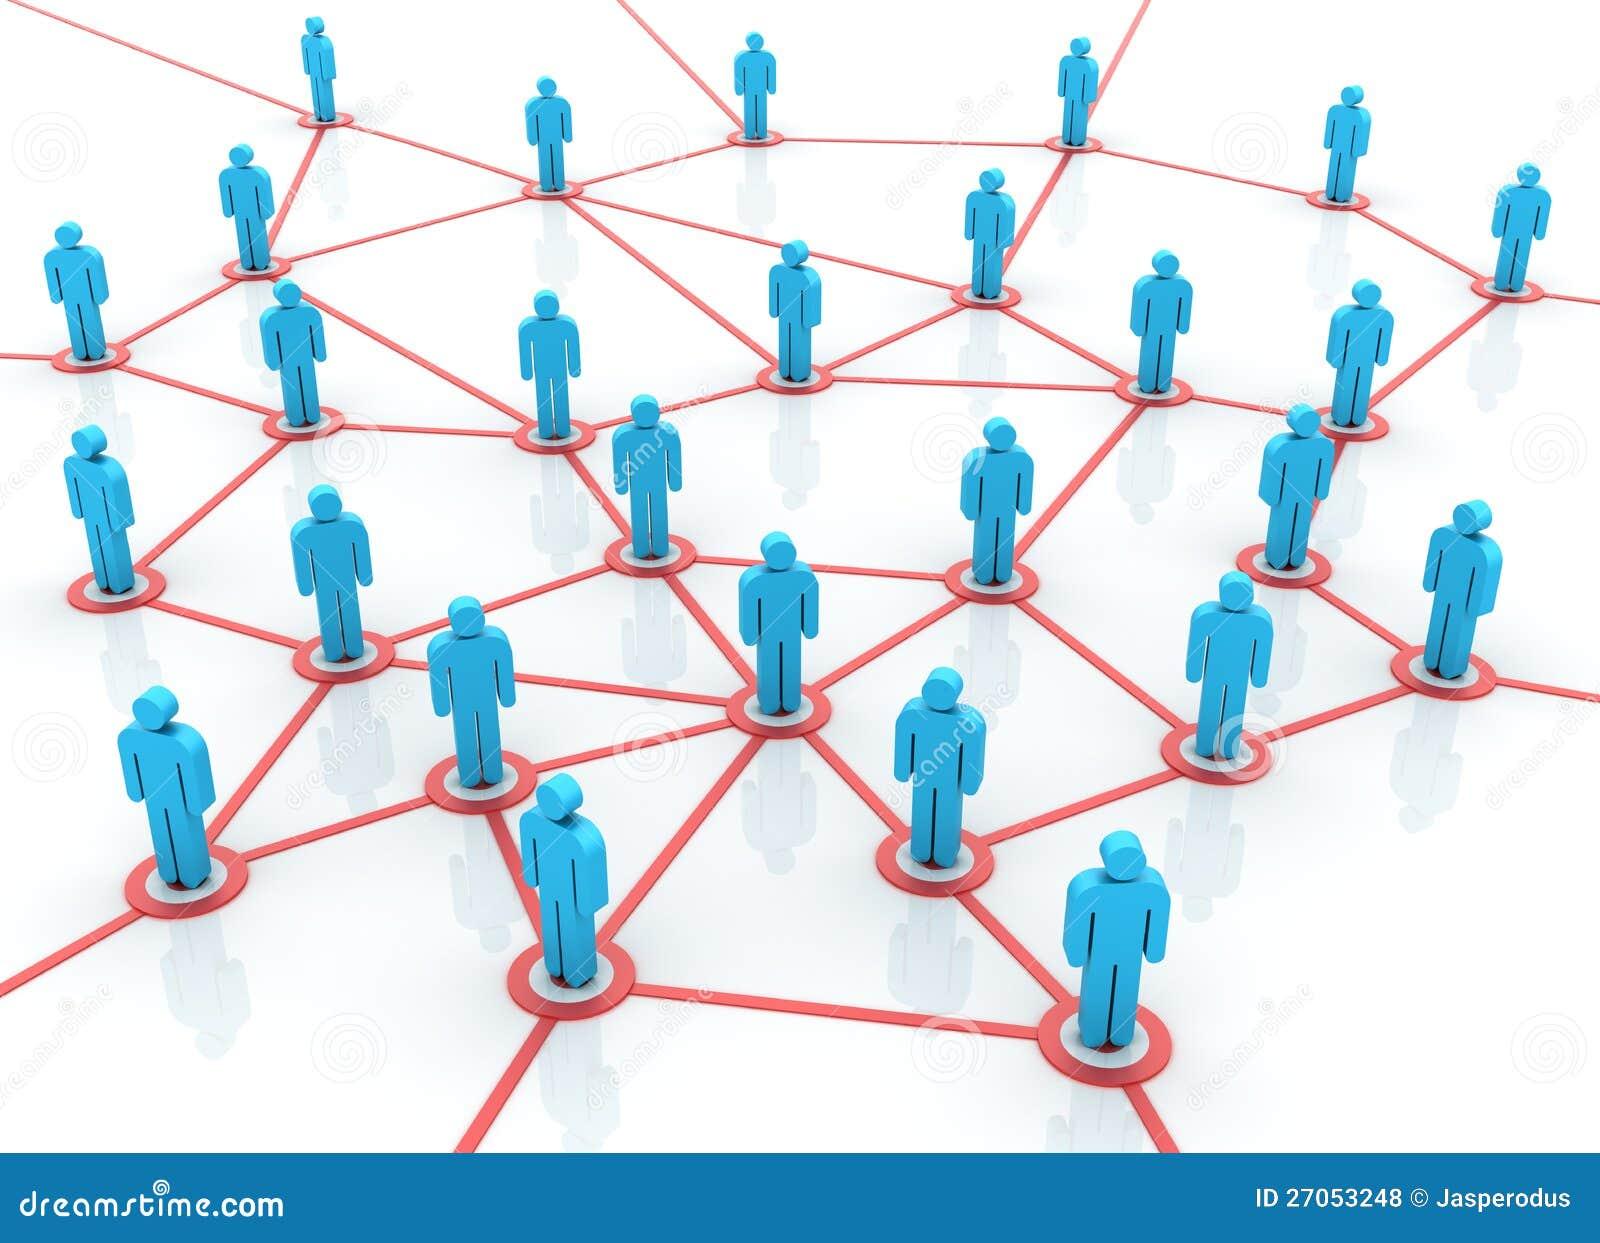 配合-网络